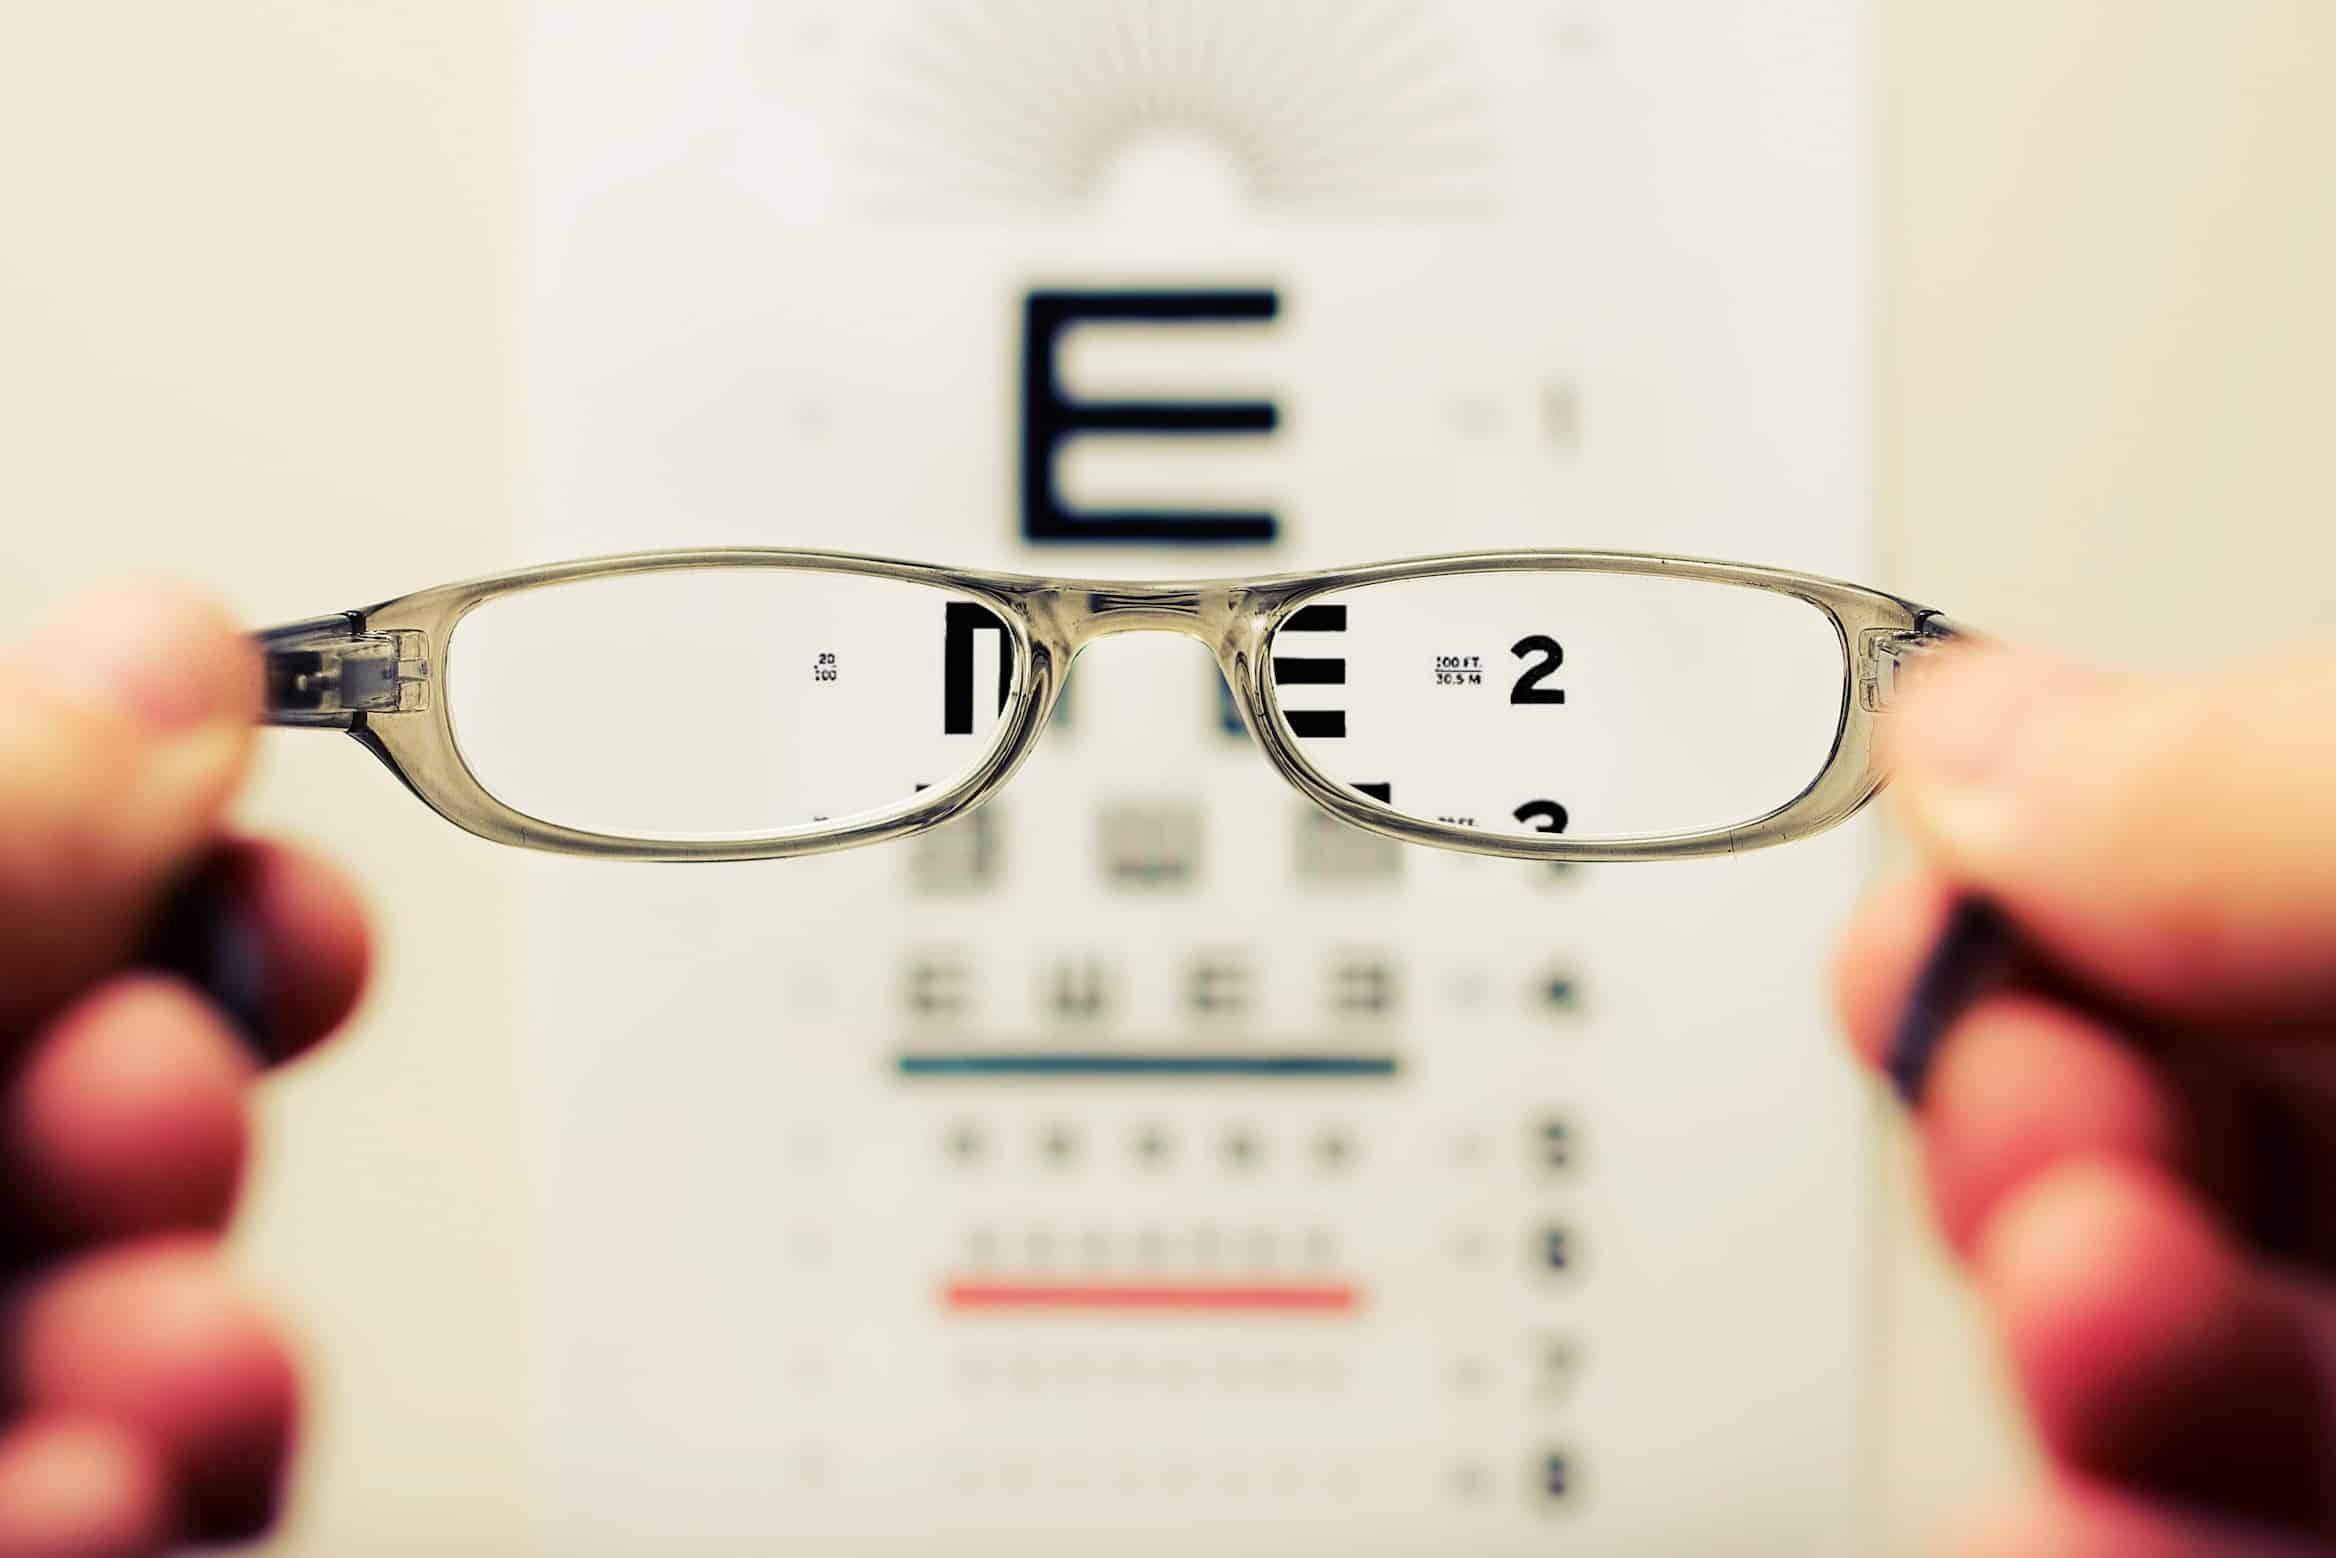 Mit jelent a látás 0,1 és 0,2?